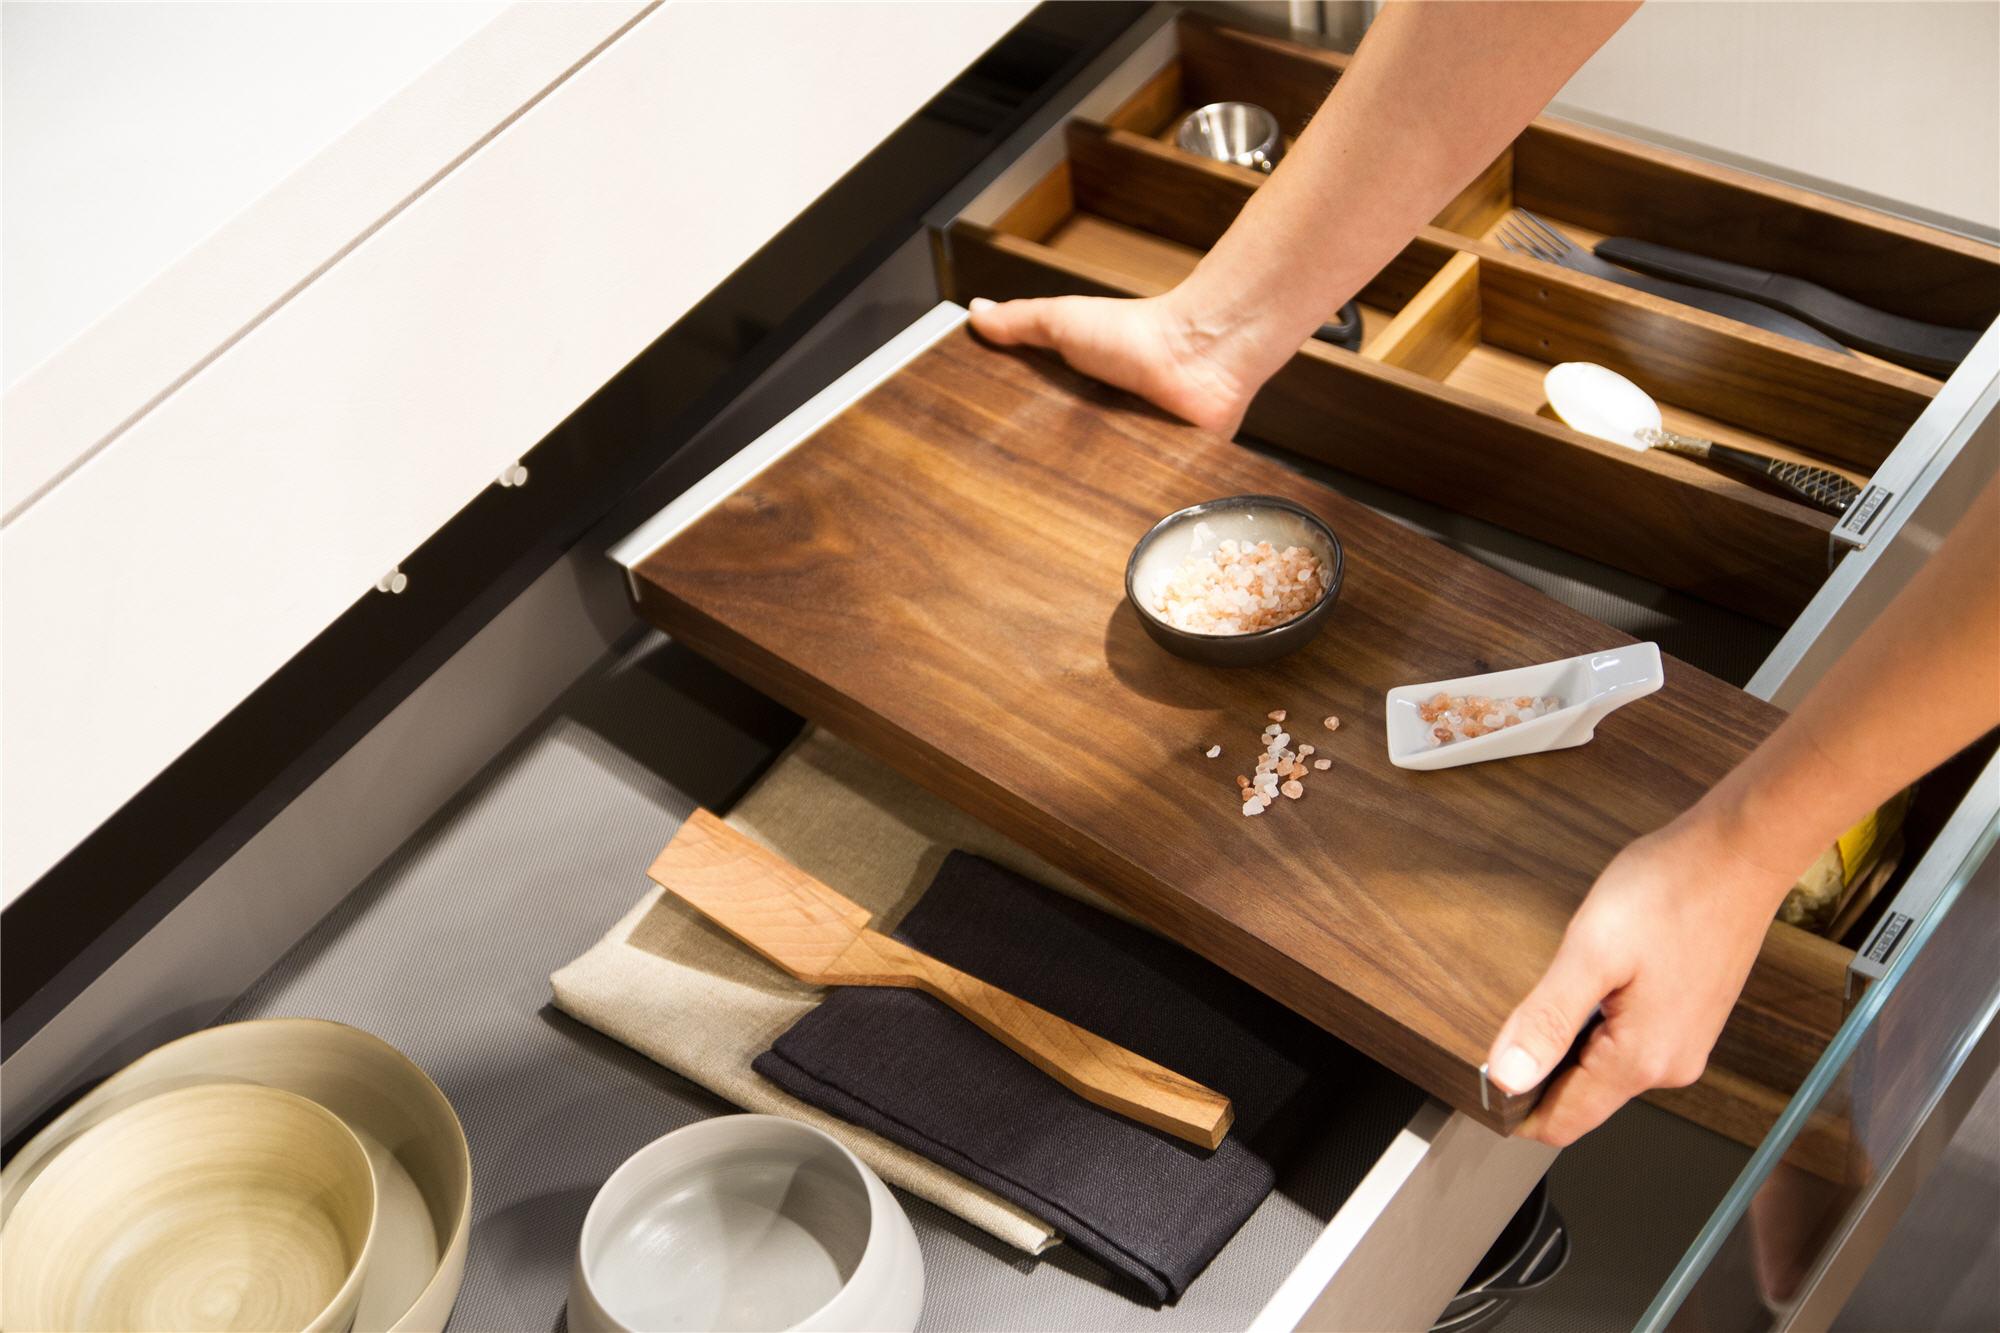 Keukenoplossing voor de keukenlade met houten snijplank. Snaidero First designkeuken viaTieleman Keukens #snaidero #tieleman #designkeuken